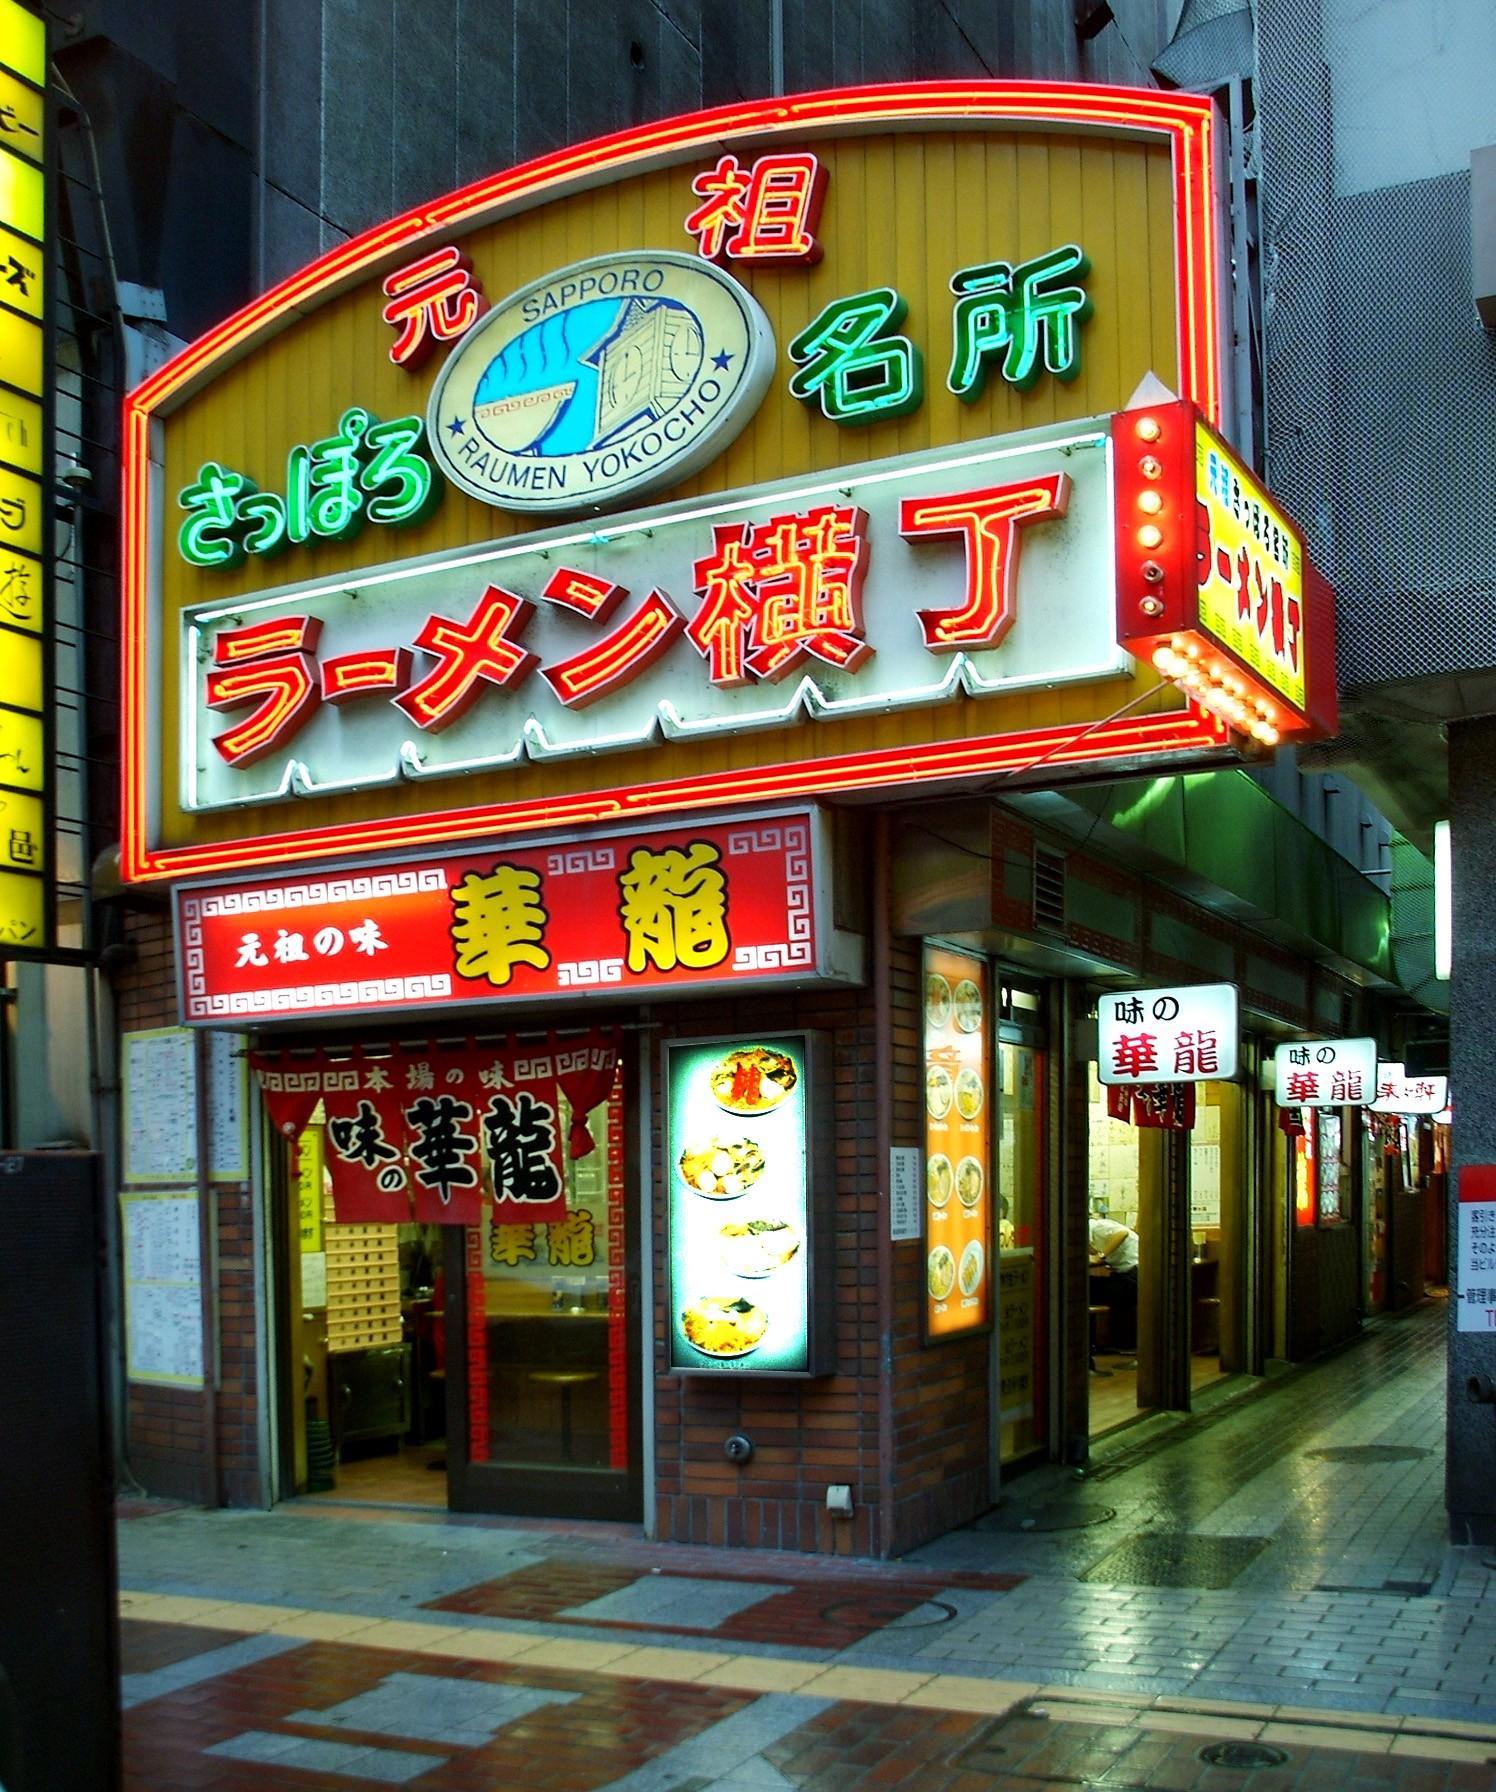 【札幌ラーメンを定着させた観光名所/元祖ラーメン横丁】写真